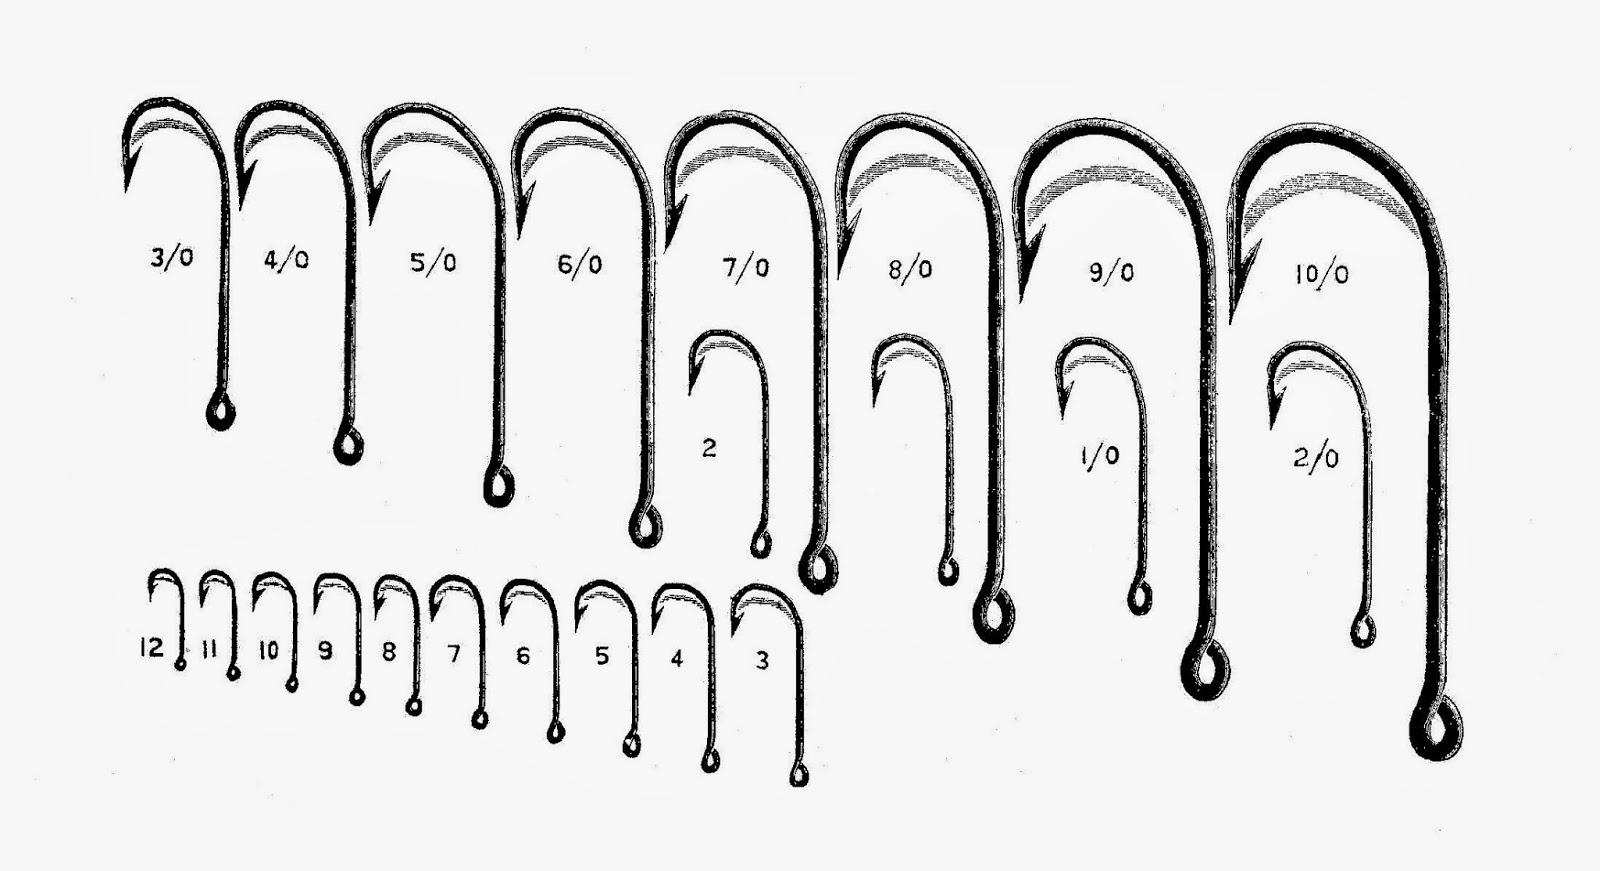 Fishing Hooks Sizes